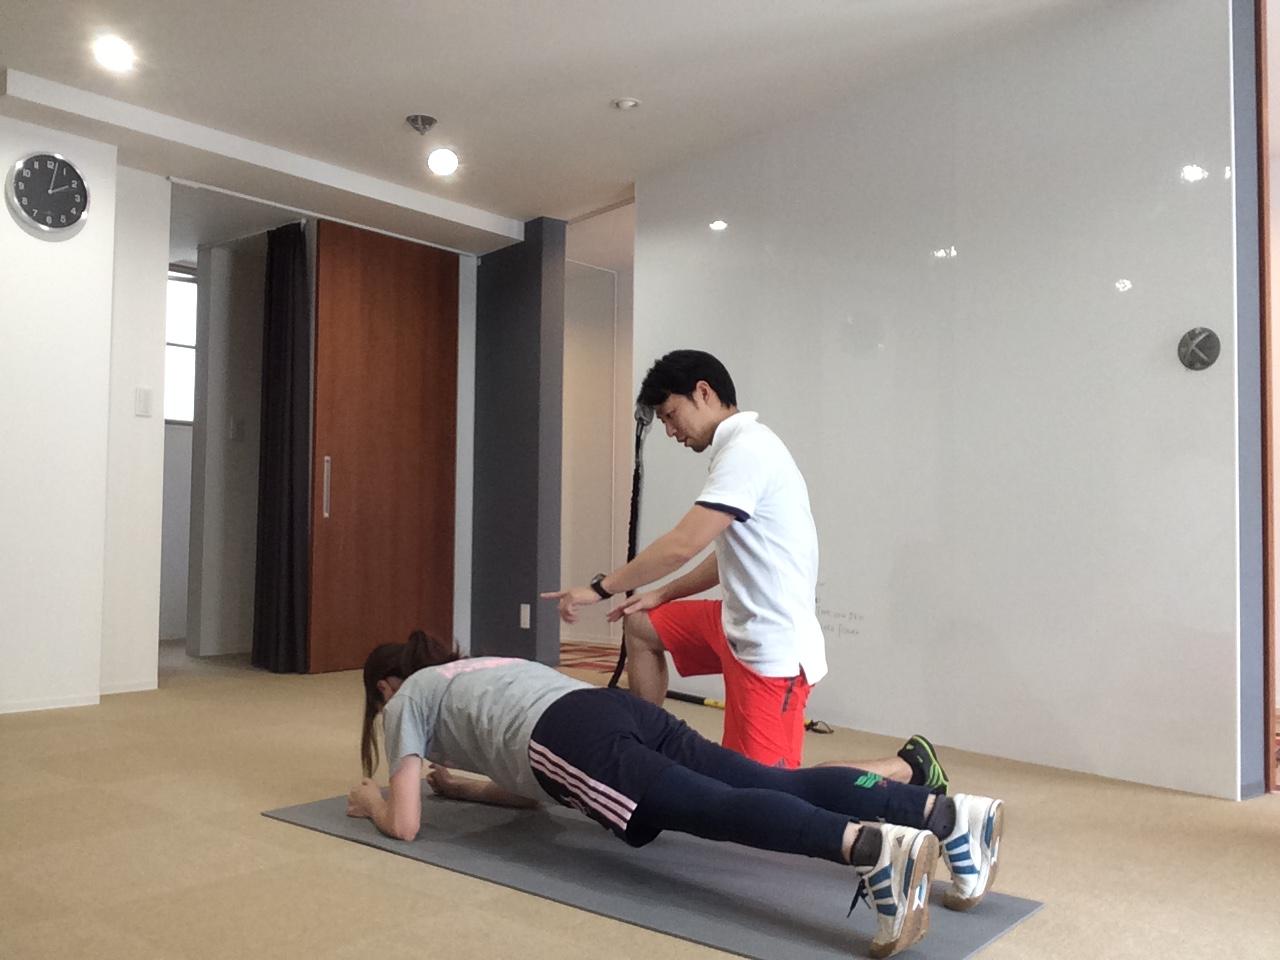 雑誌に載っているトレーニング